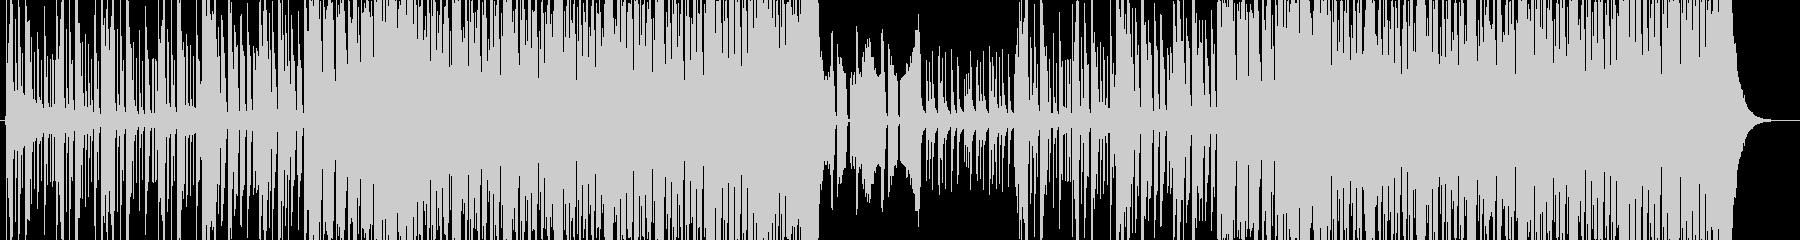 激しい和風EDM 侍 サムラEDMの未再生の波形